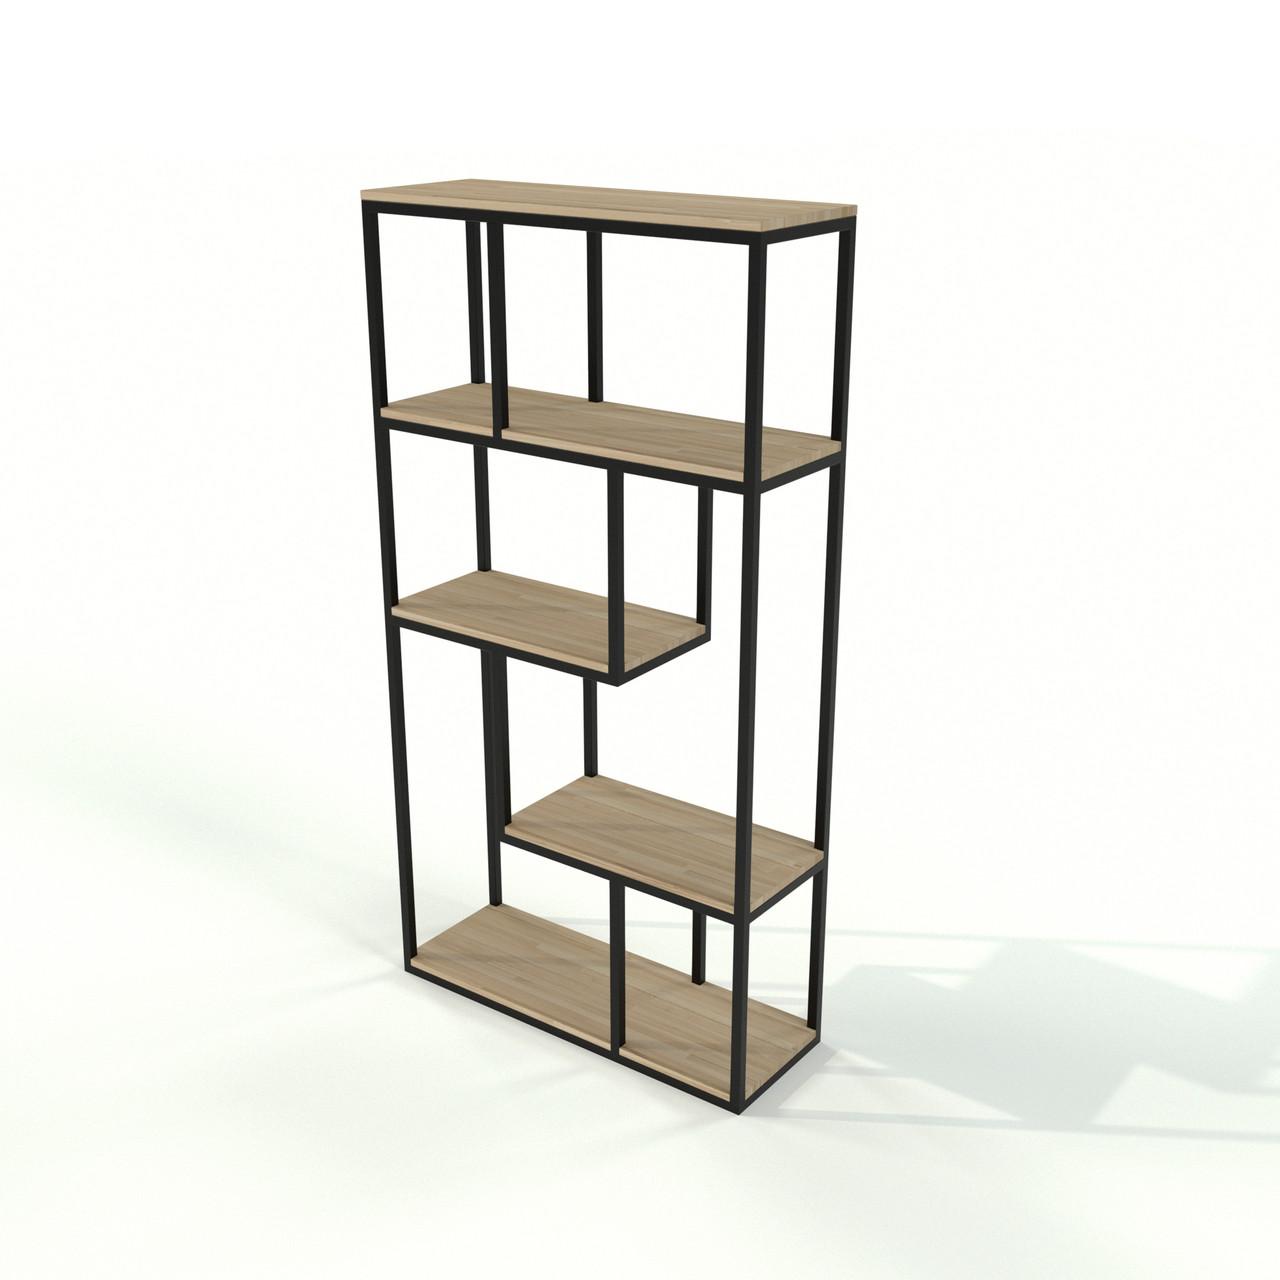 Loft стеллаж для офиса из натурального дерева